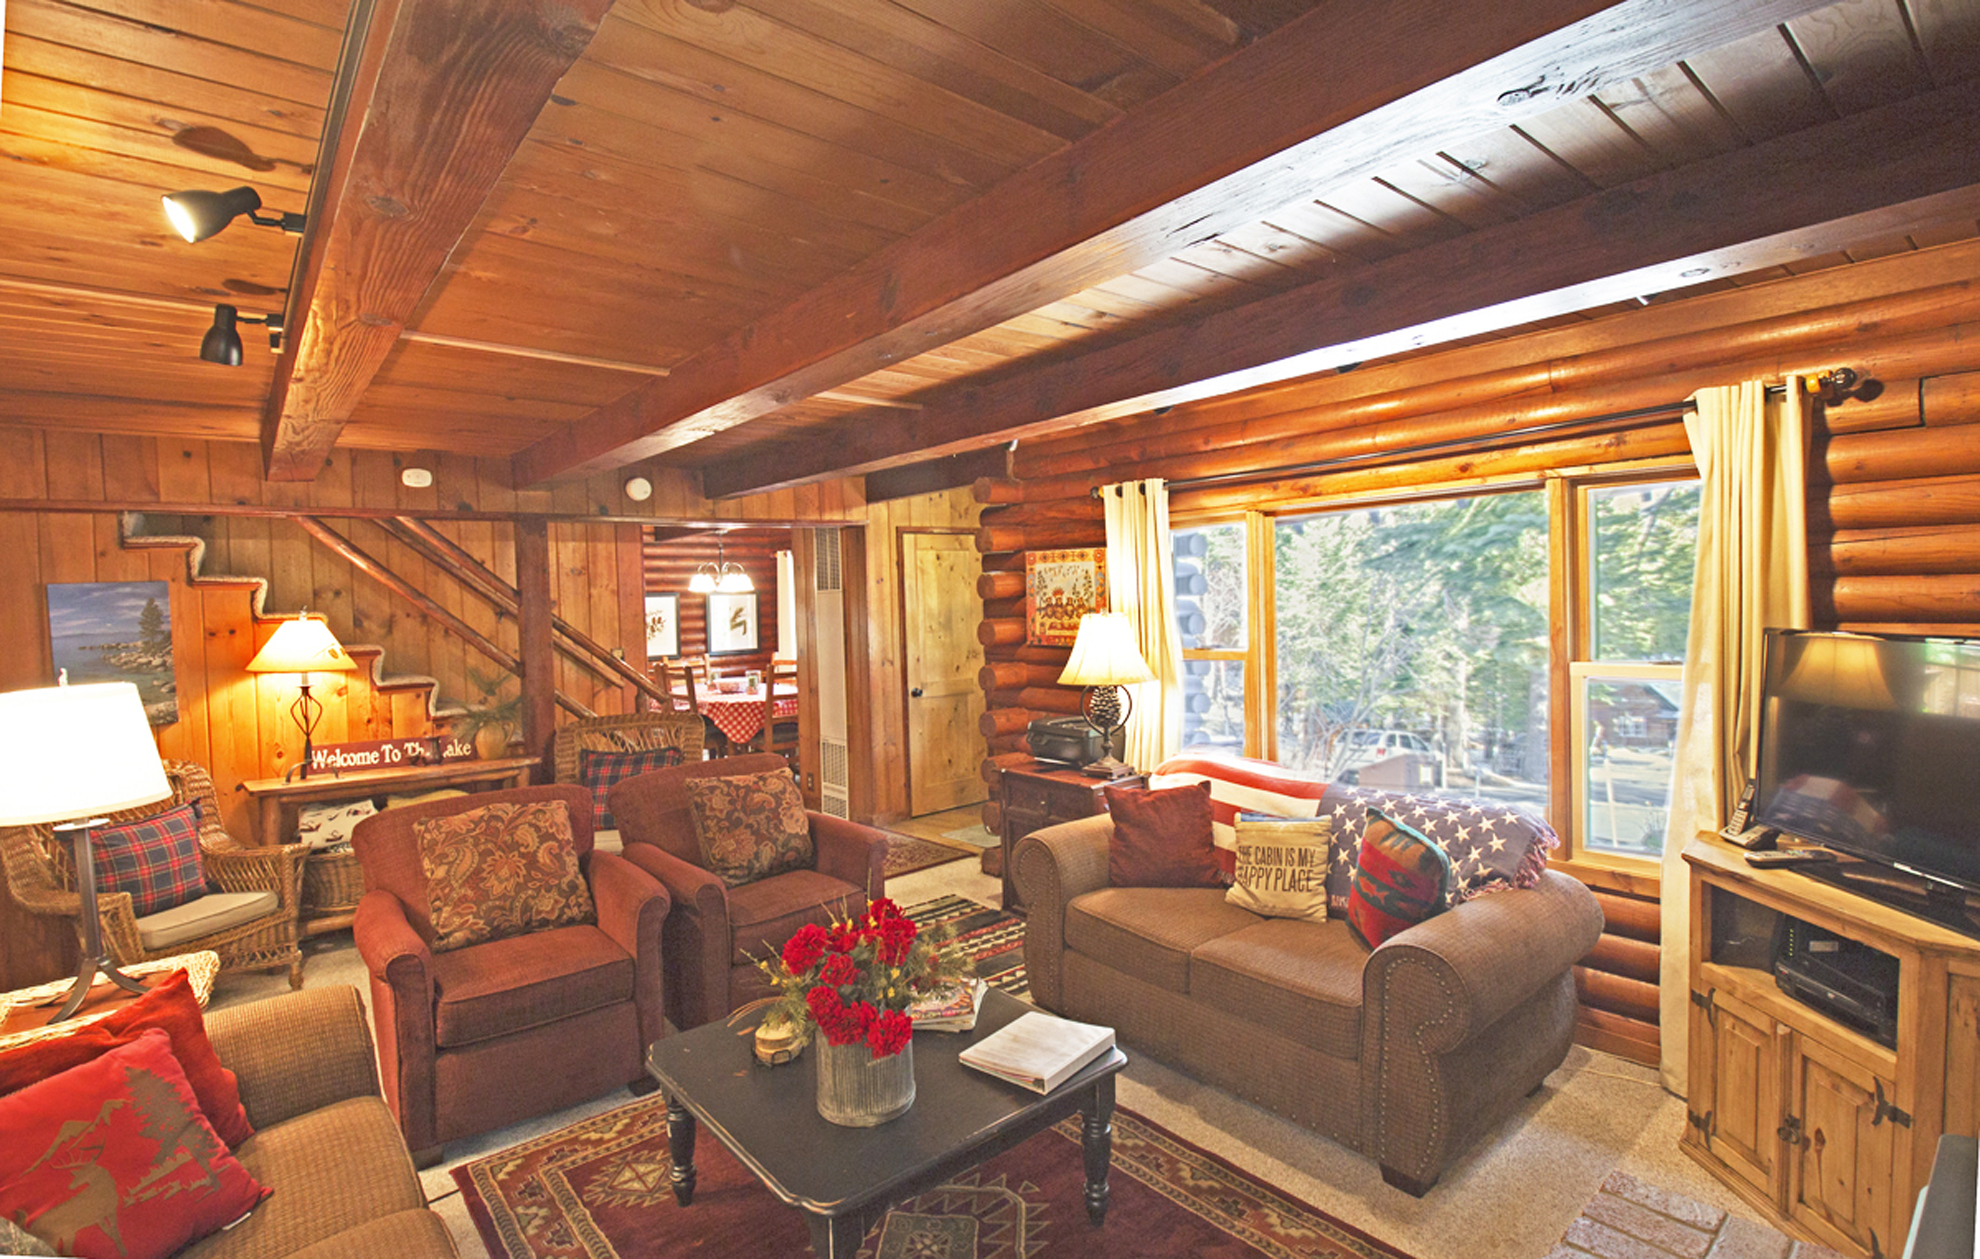 Listing Image 5 for Karley's Lake Lodge